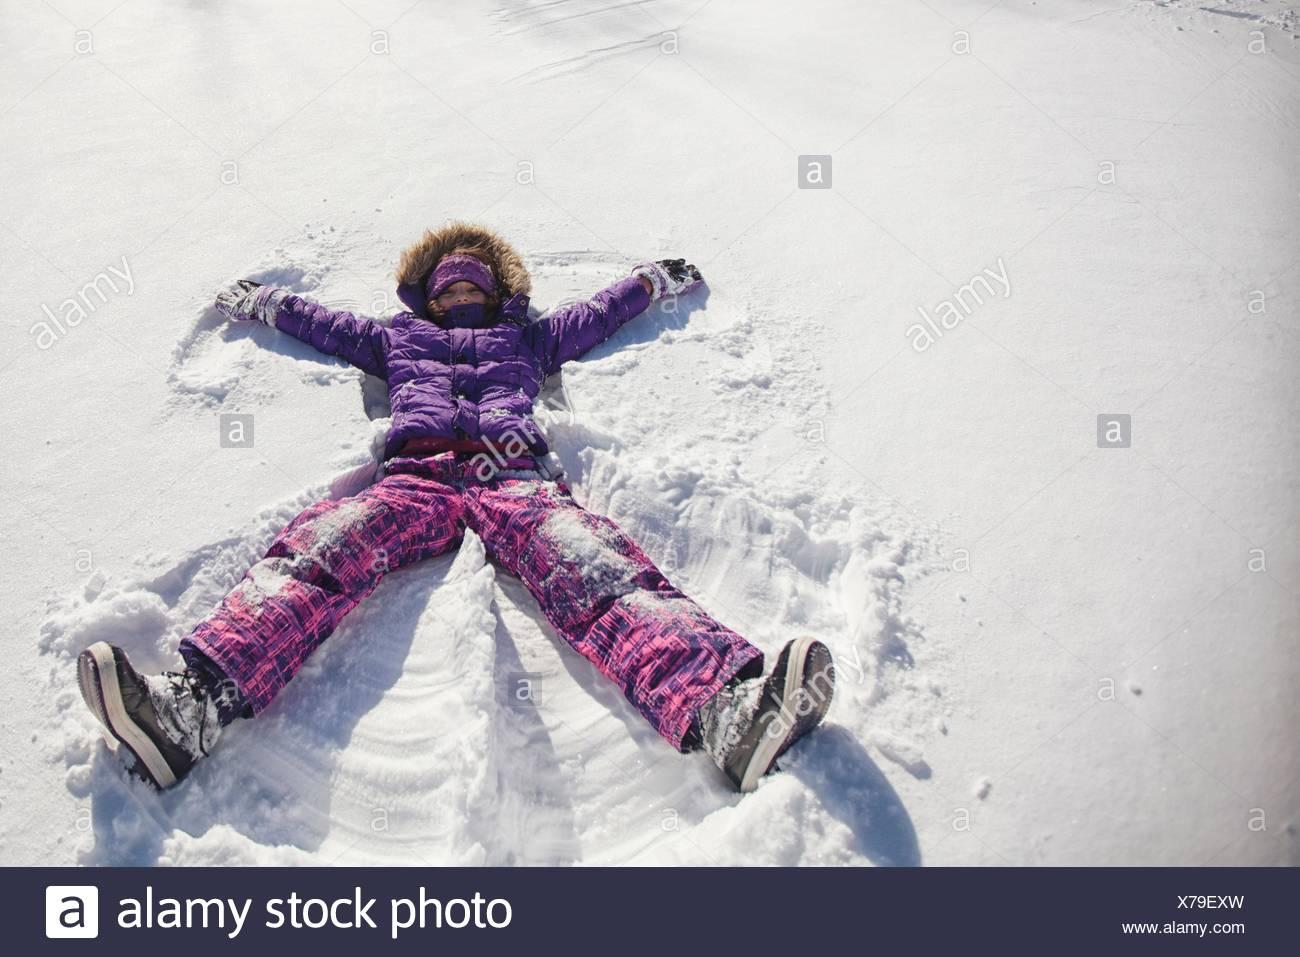 Un alto ángulo de visualización de vestida de traje de esquí nieve haciendo ángel de nieve Imagen De Stock